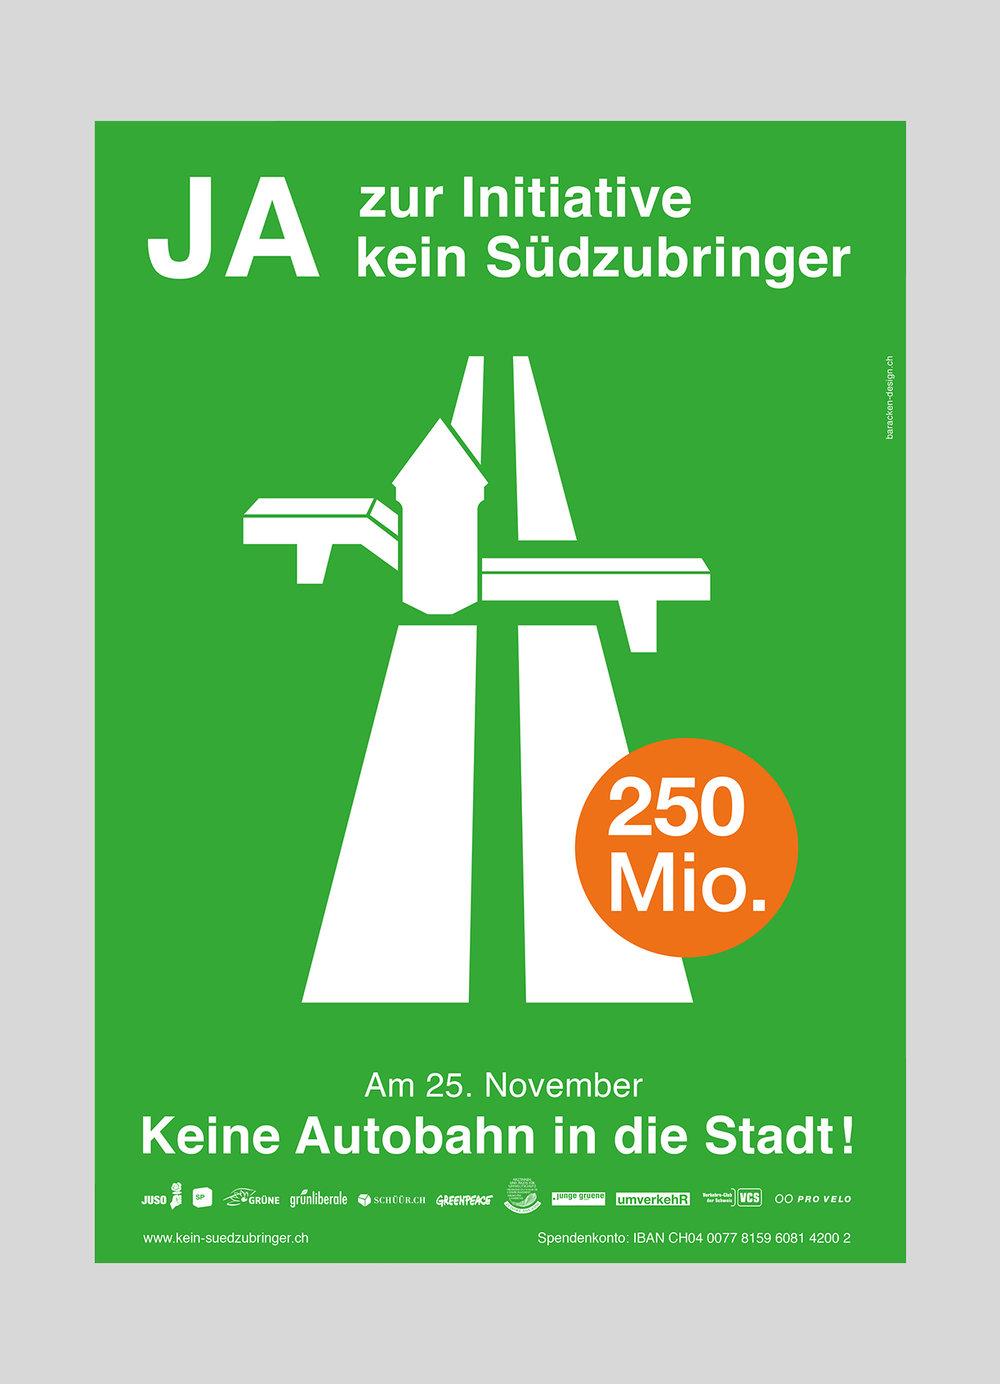 JUSO Stadt Luzern – Kein Südzubringer  |2012  Volksinitiative der JUSO Stadt Luzern gegen die geplante Autobahneinfahrt «Südzubringer»